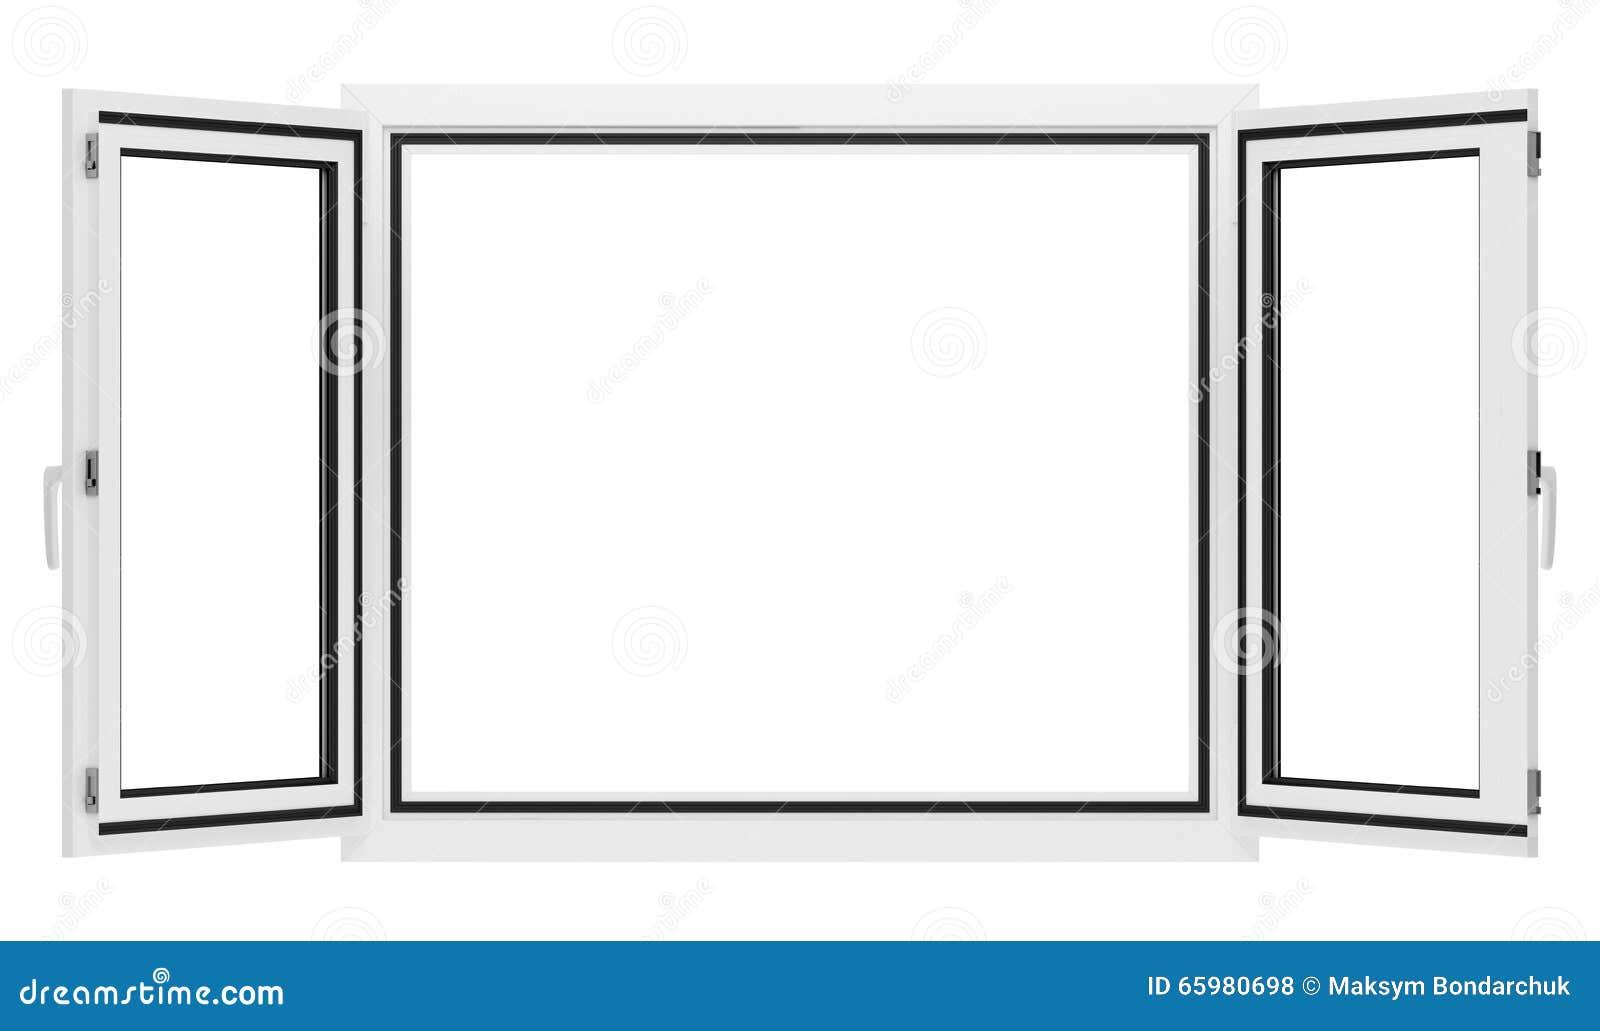 Finestra aperta isolata su bianco illustrazione di stock for Disegno di finestra aperta